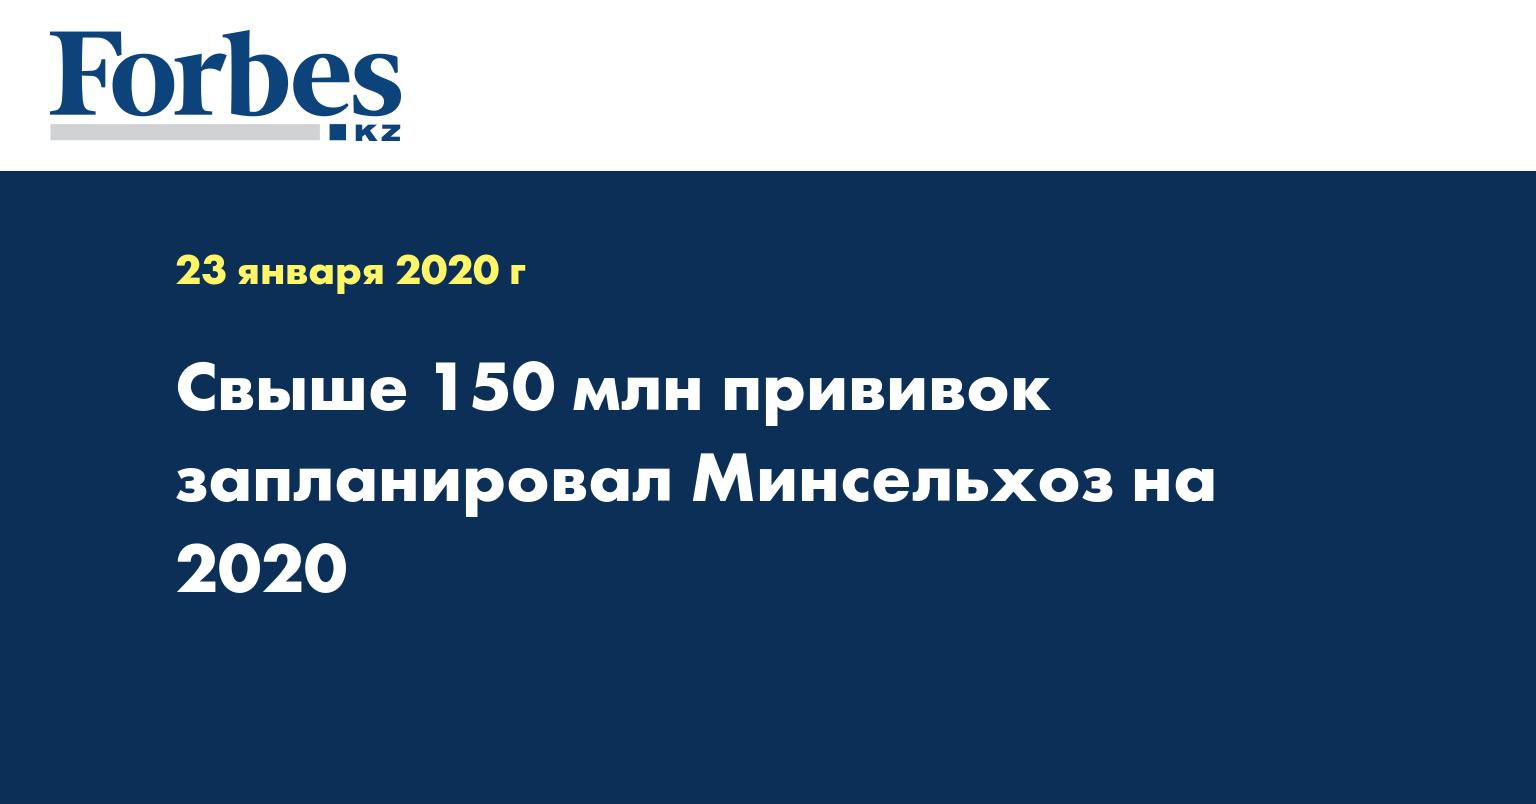 Свыше 150 млн прививок запланировал Минсельхоз на 2020